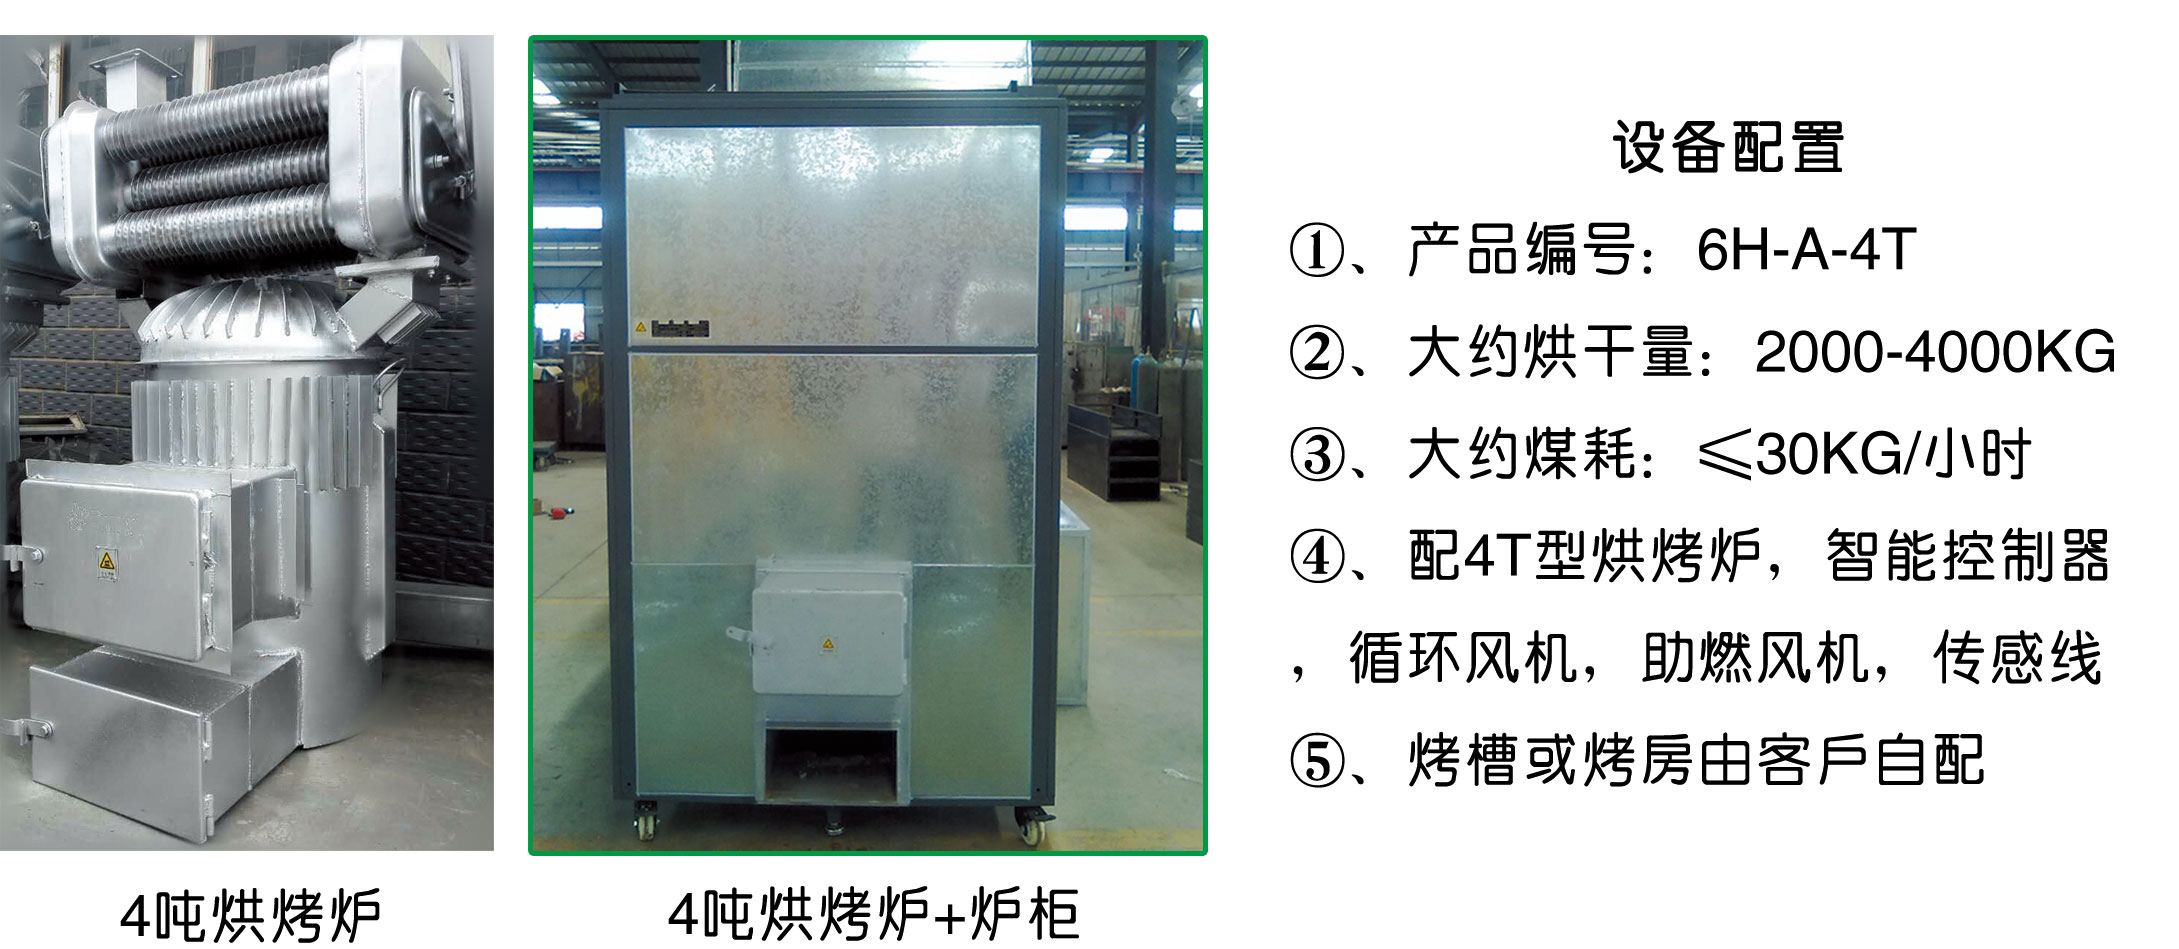 昆明海产品烘干机